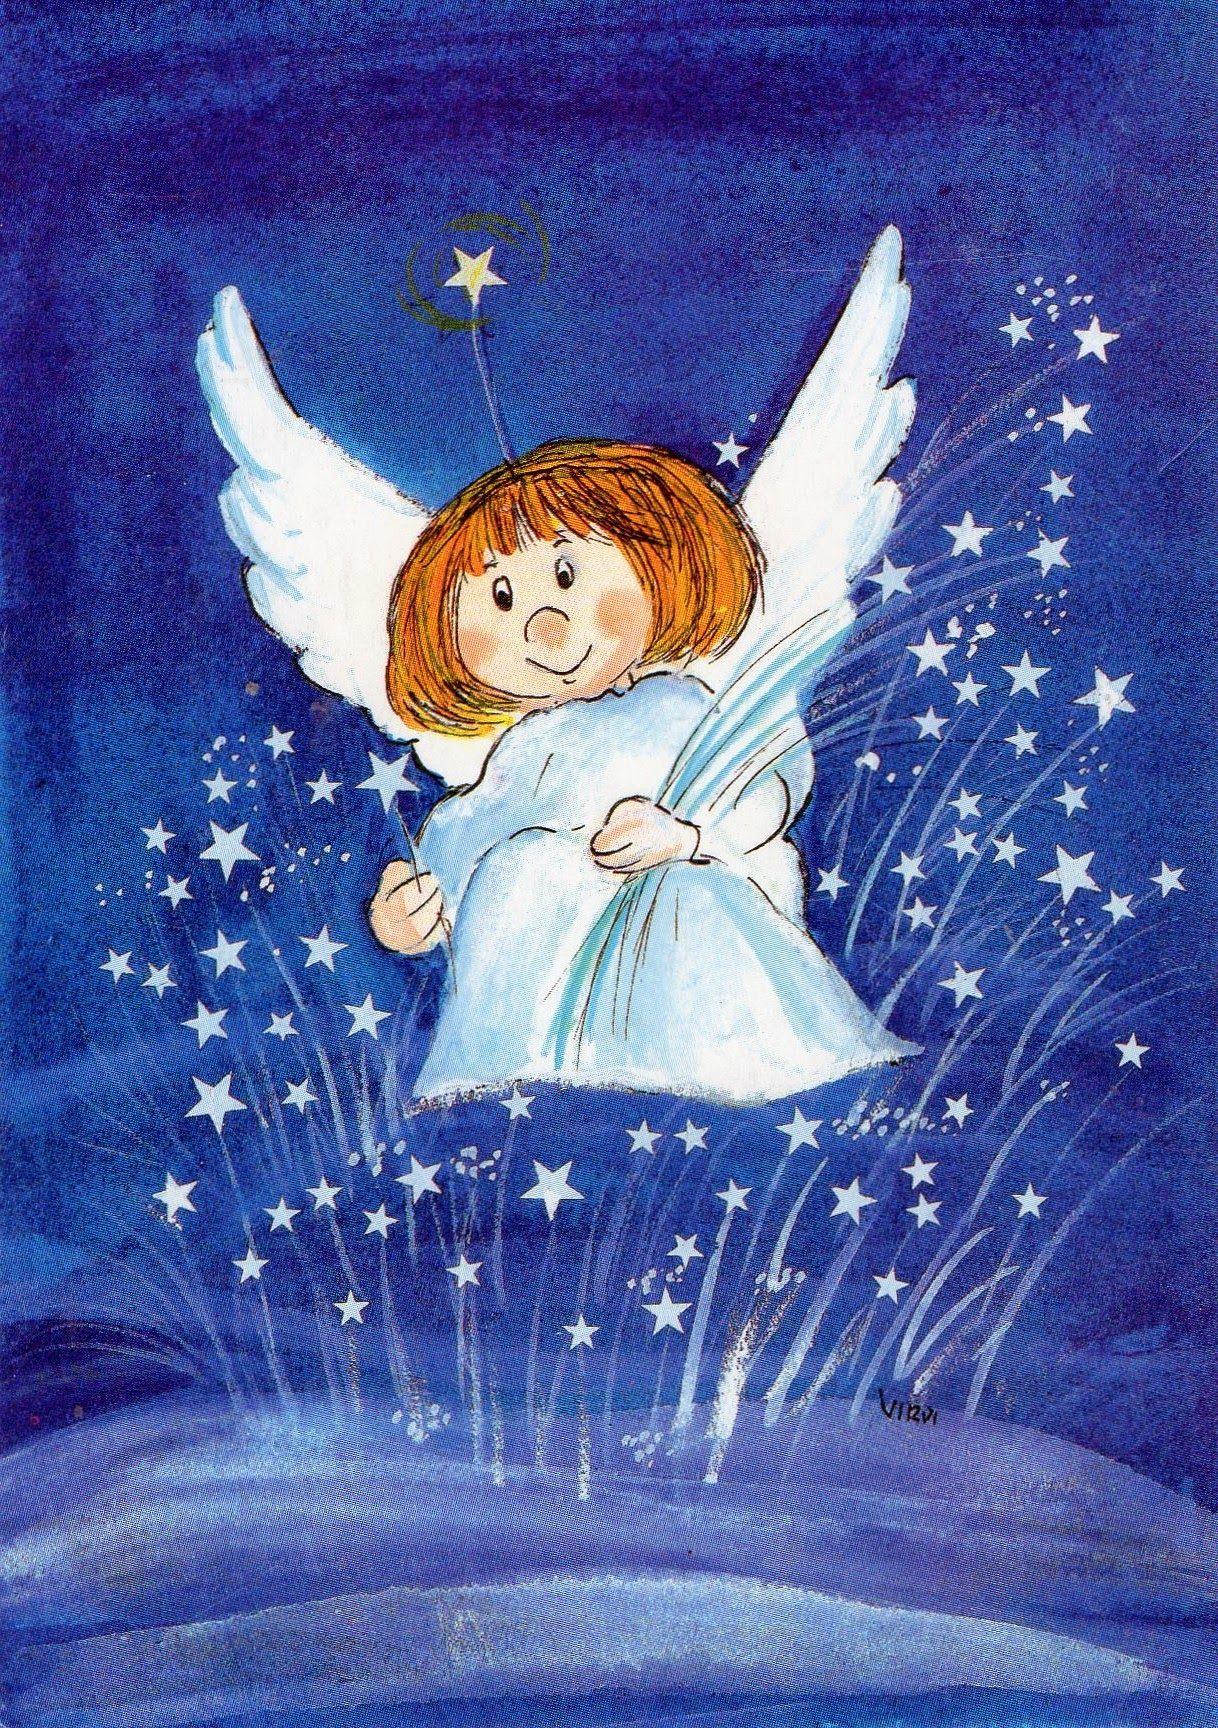 Разрисовки для, рождественская открытка нарисованная детьми